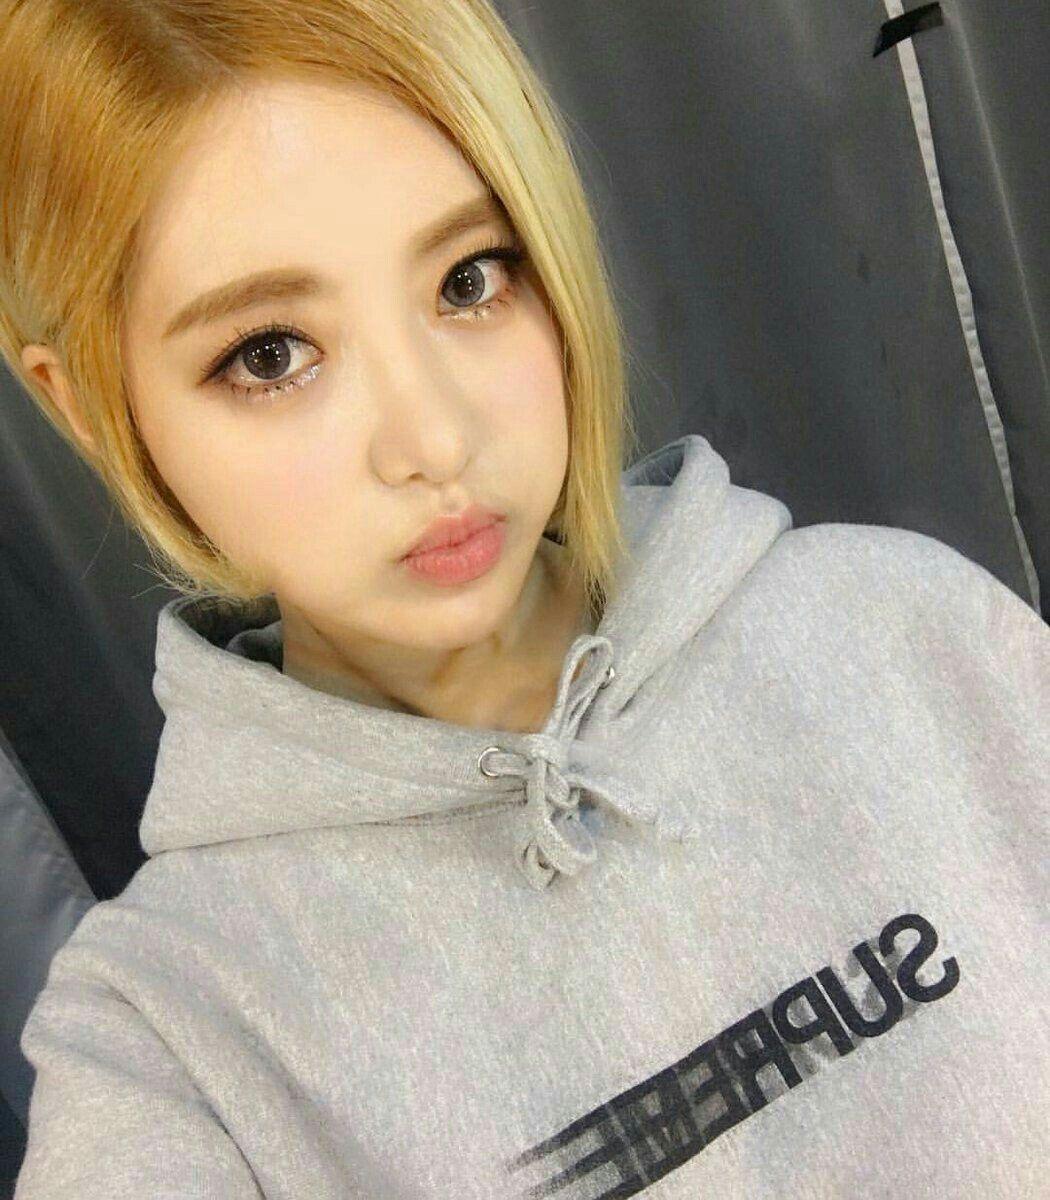 Cute Girl Dj Soda Lovely Girl